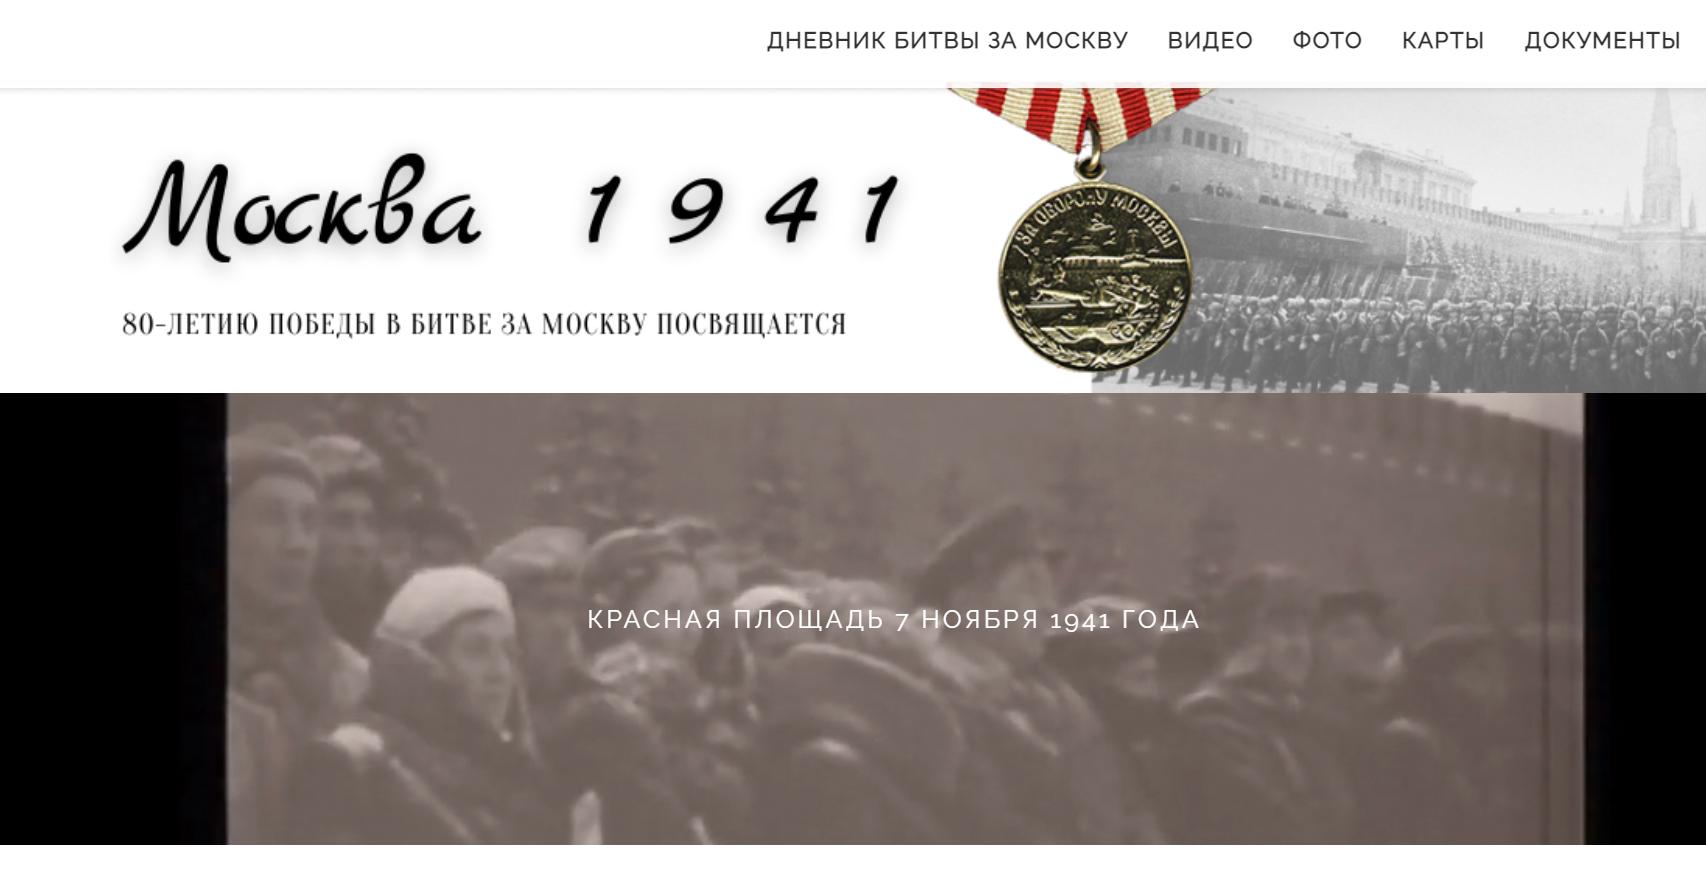 Битва за Москву2021